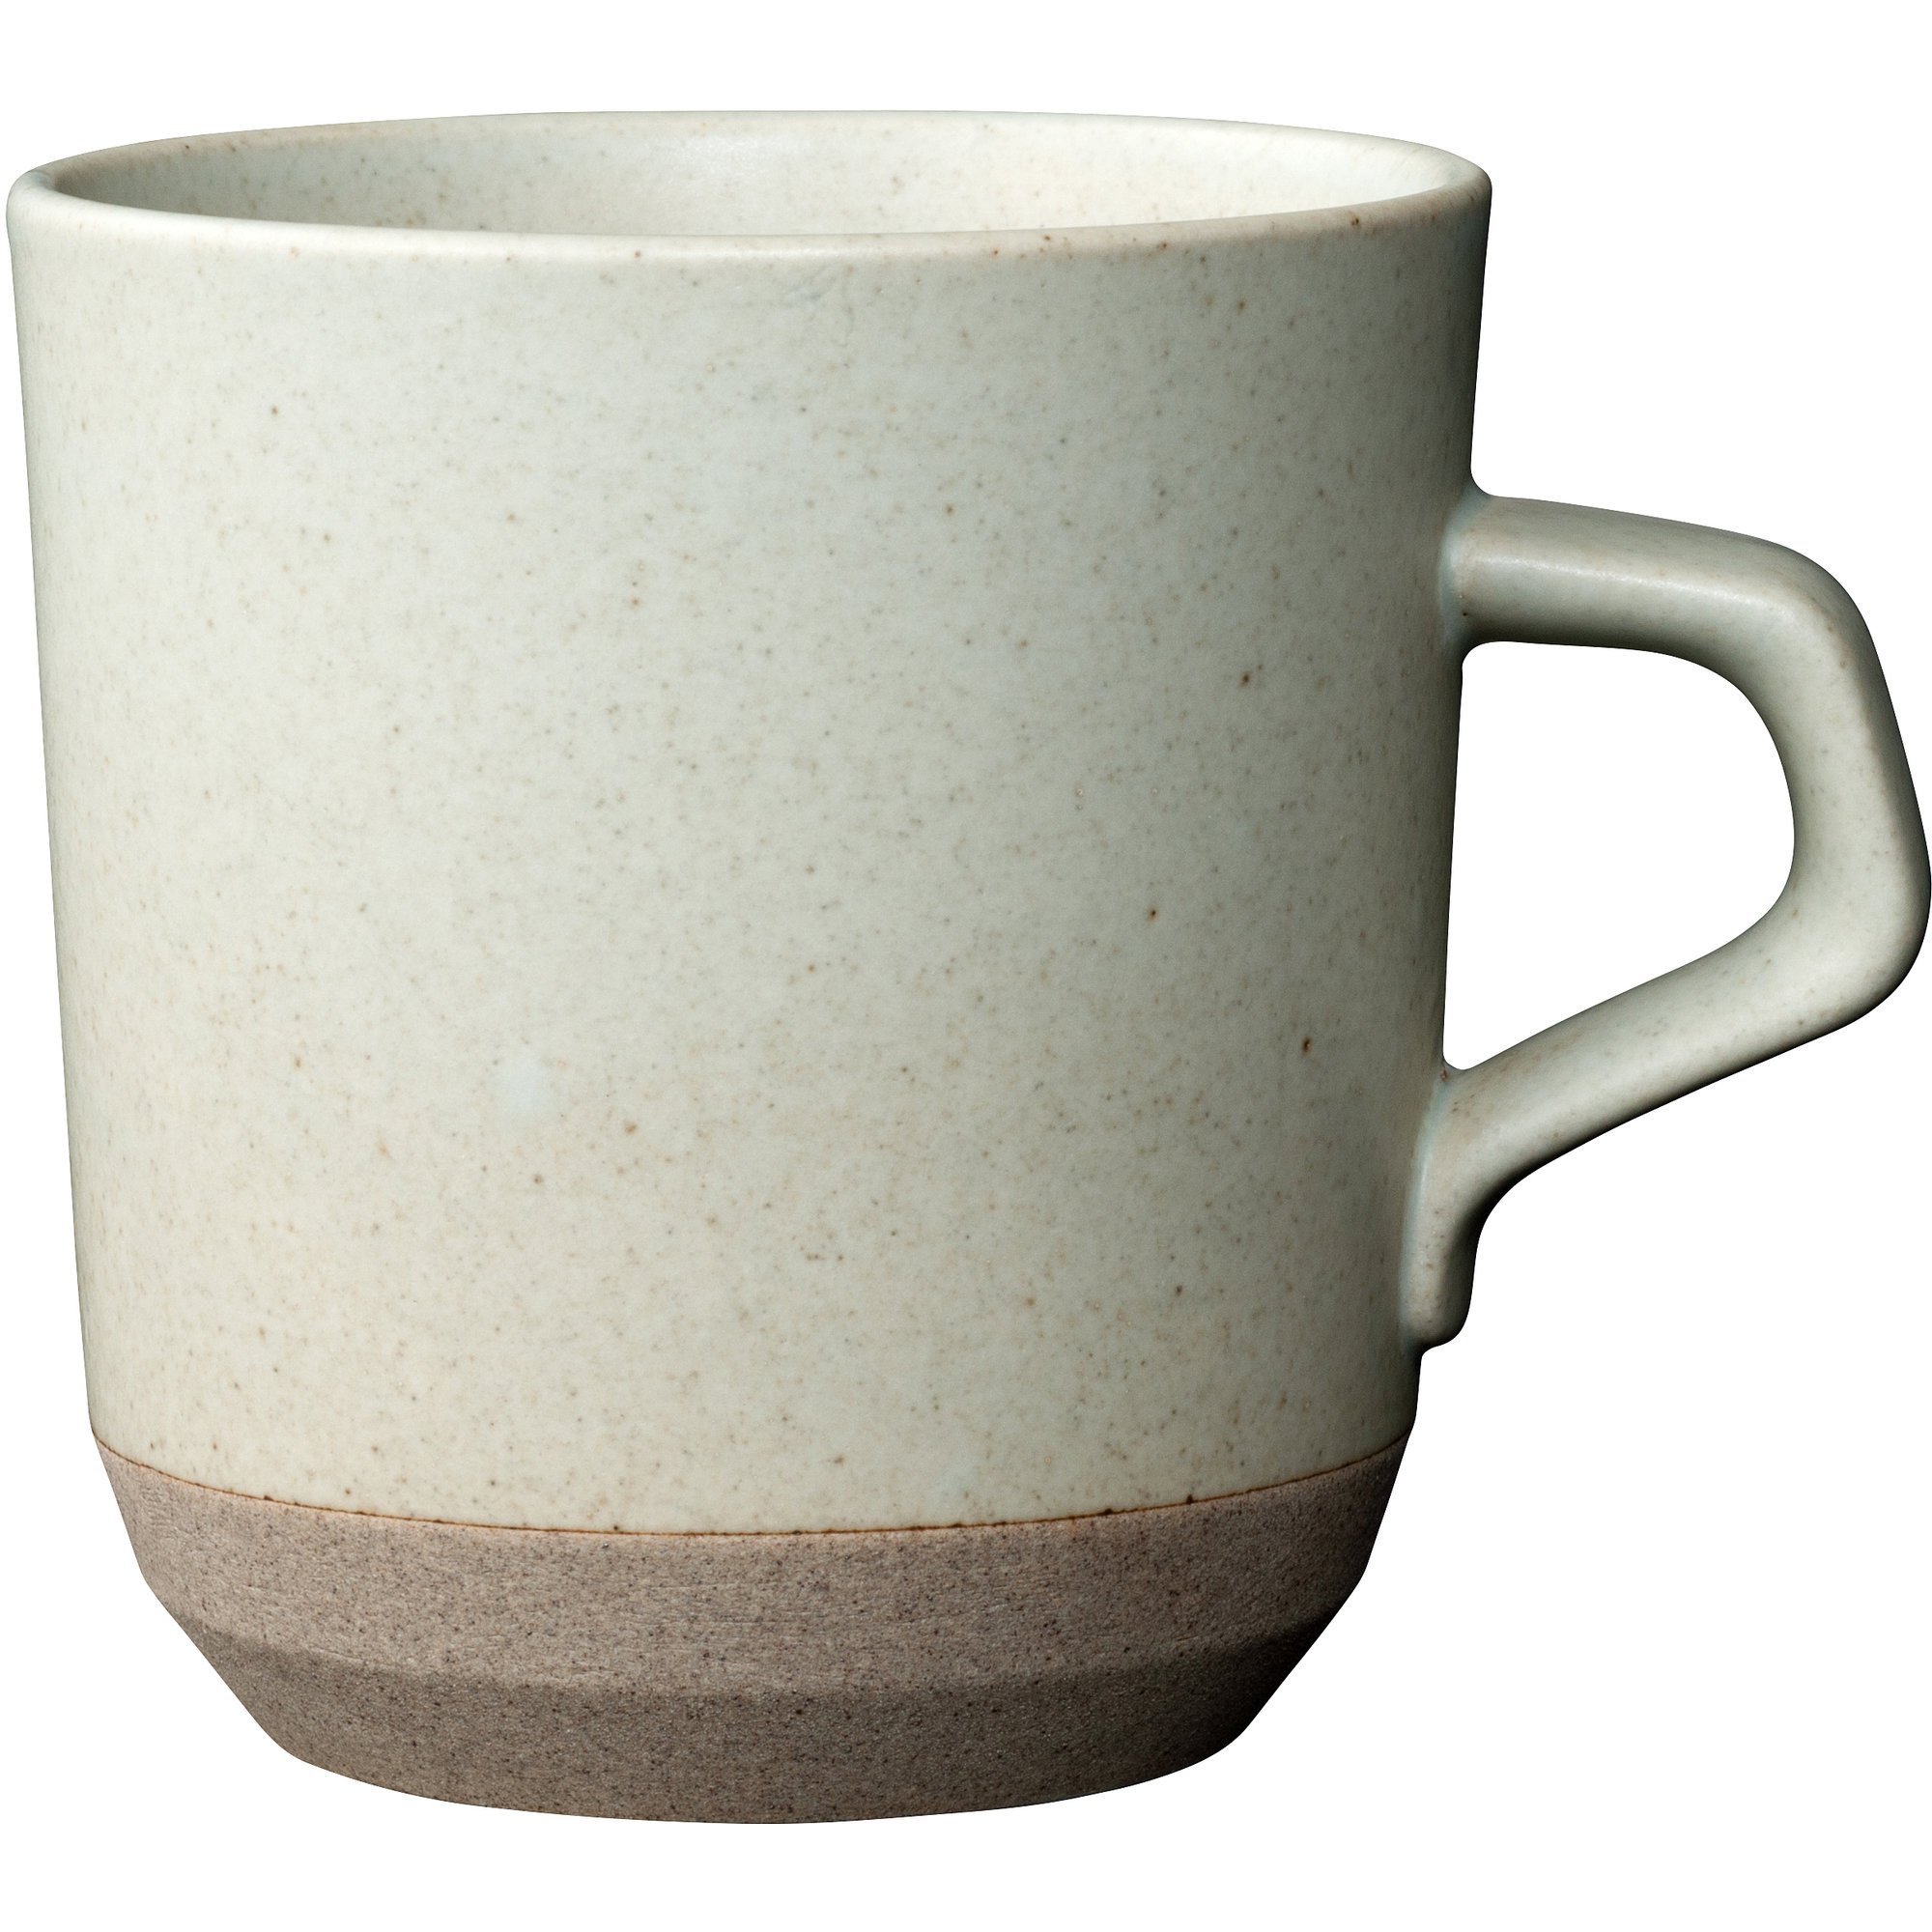 Kinto Kinto CLK-151-mugg stor beige